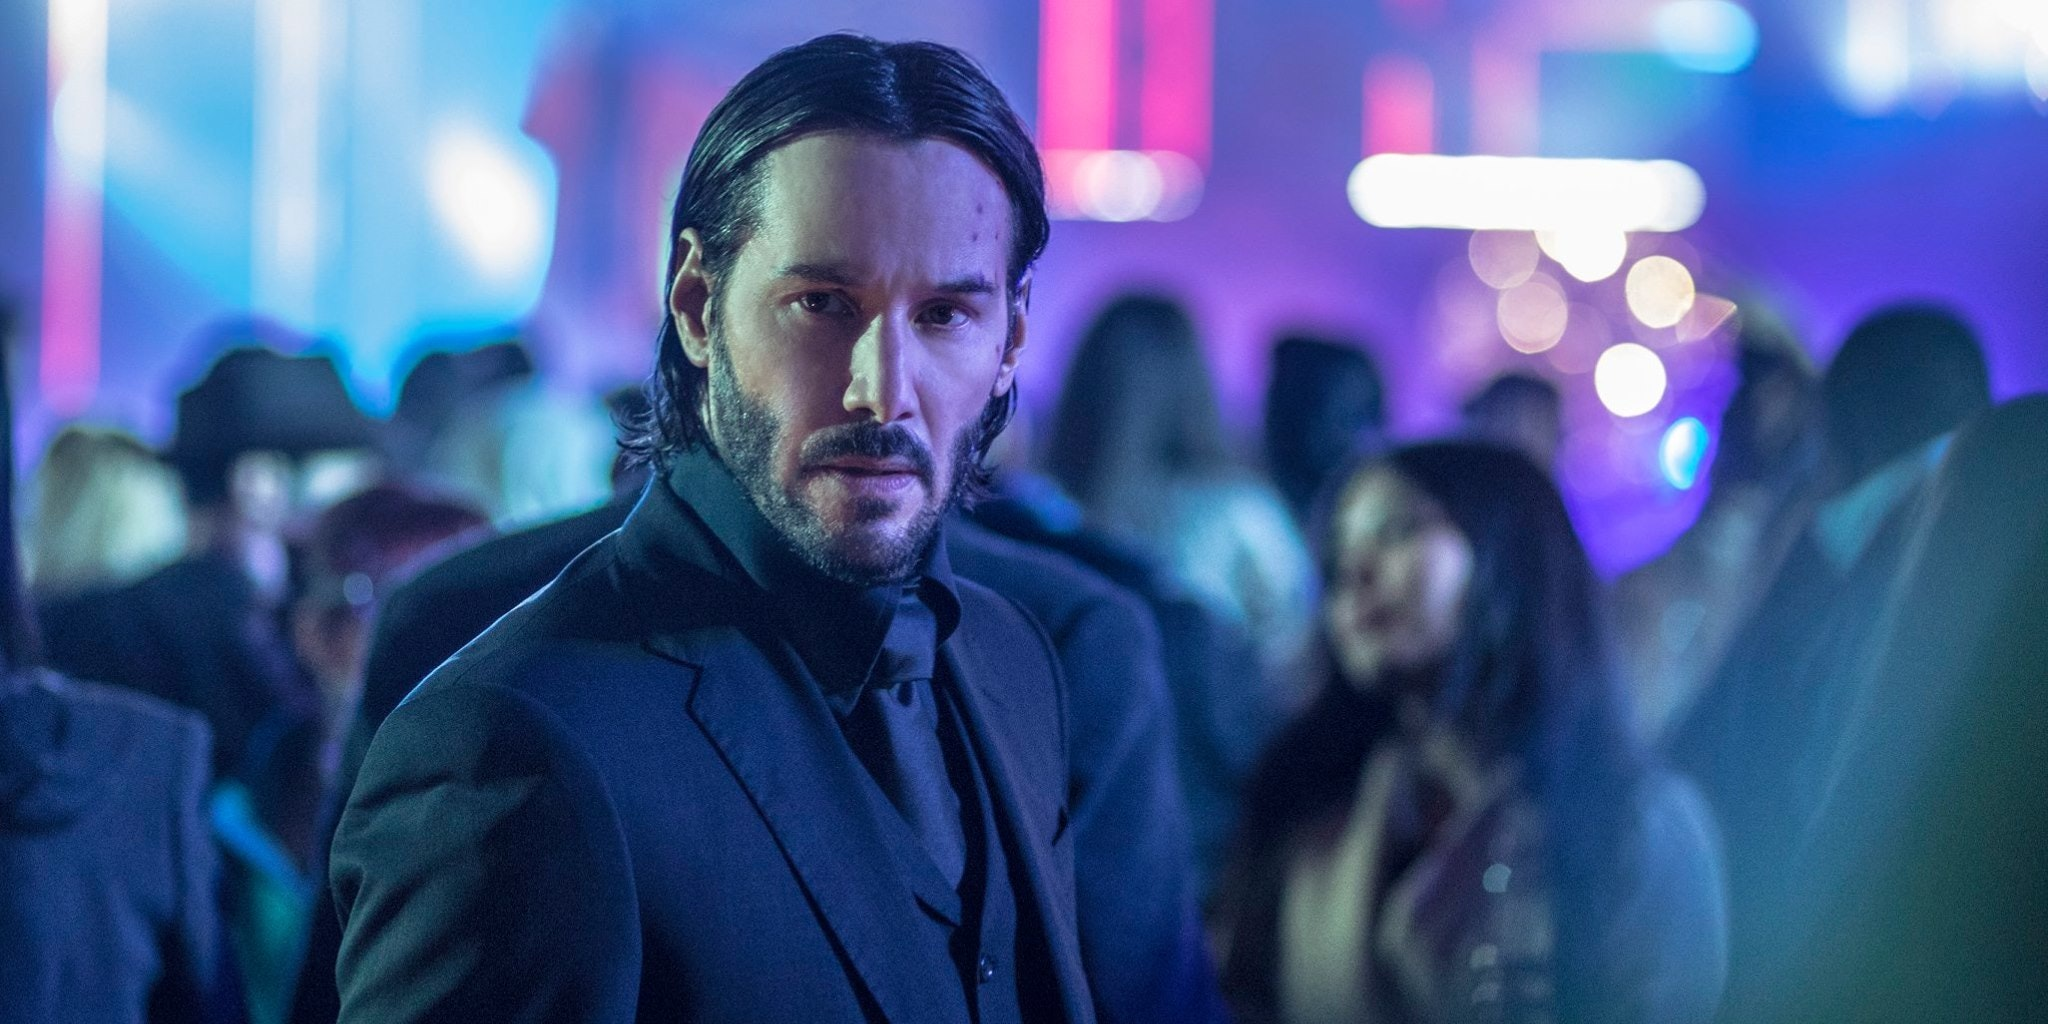 Keanu Reeves as John Wick in 'John Wick: Chapter Two'